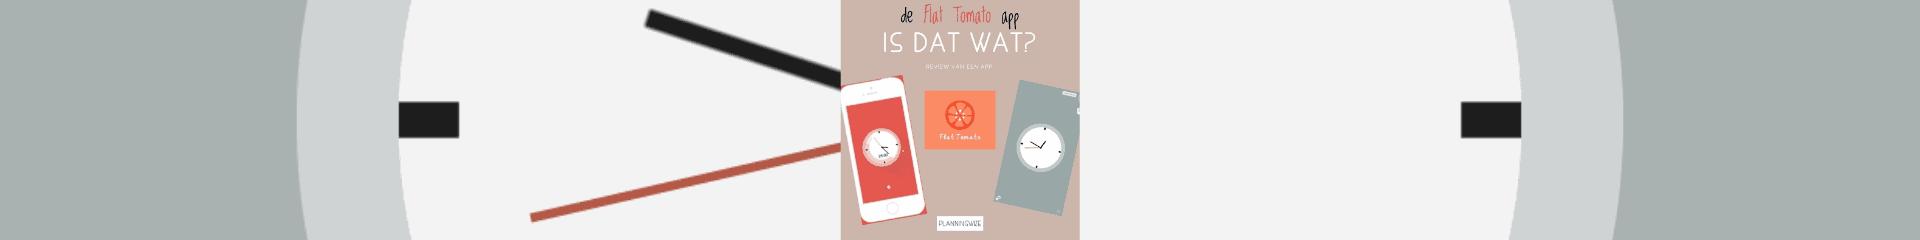 flat tomato